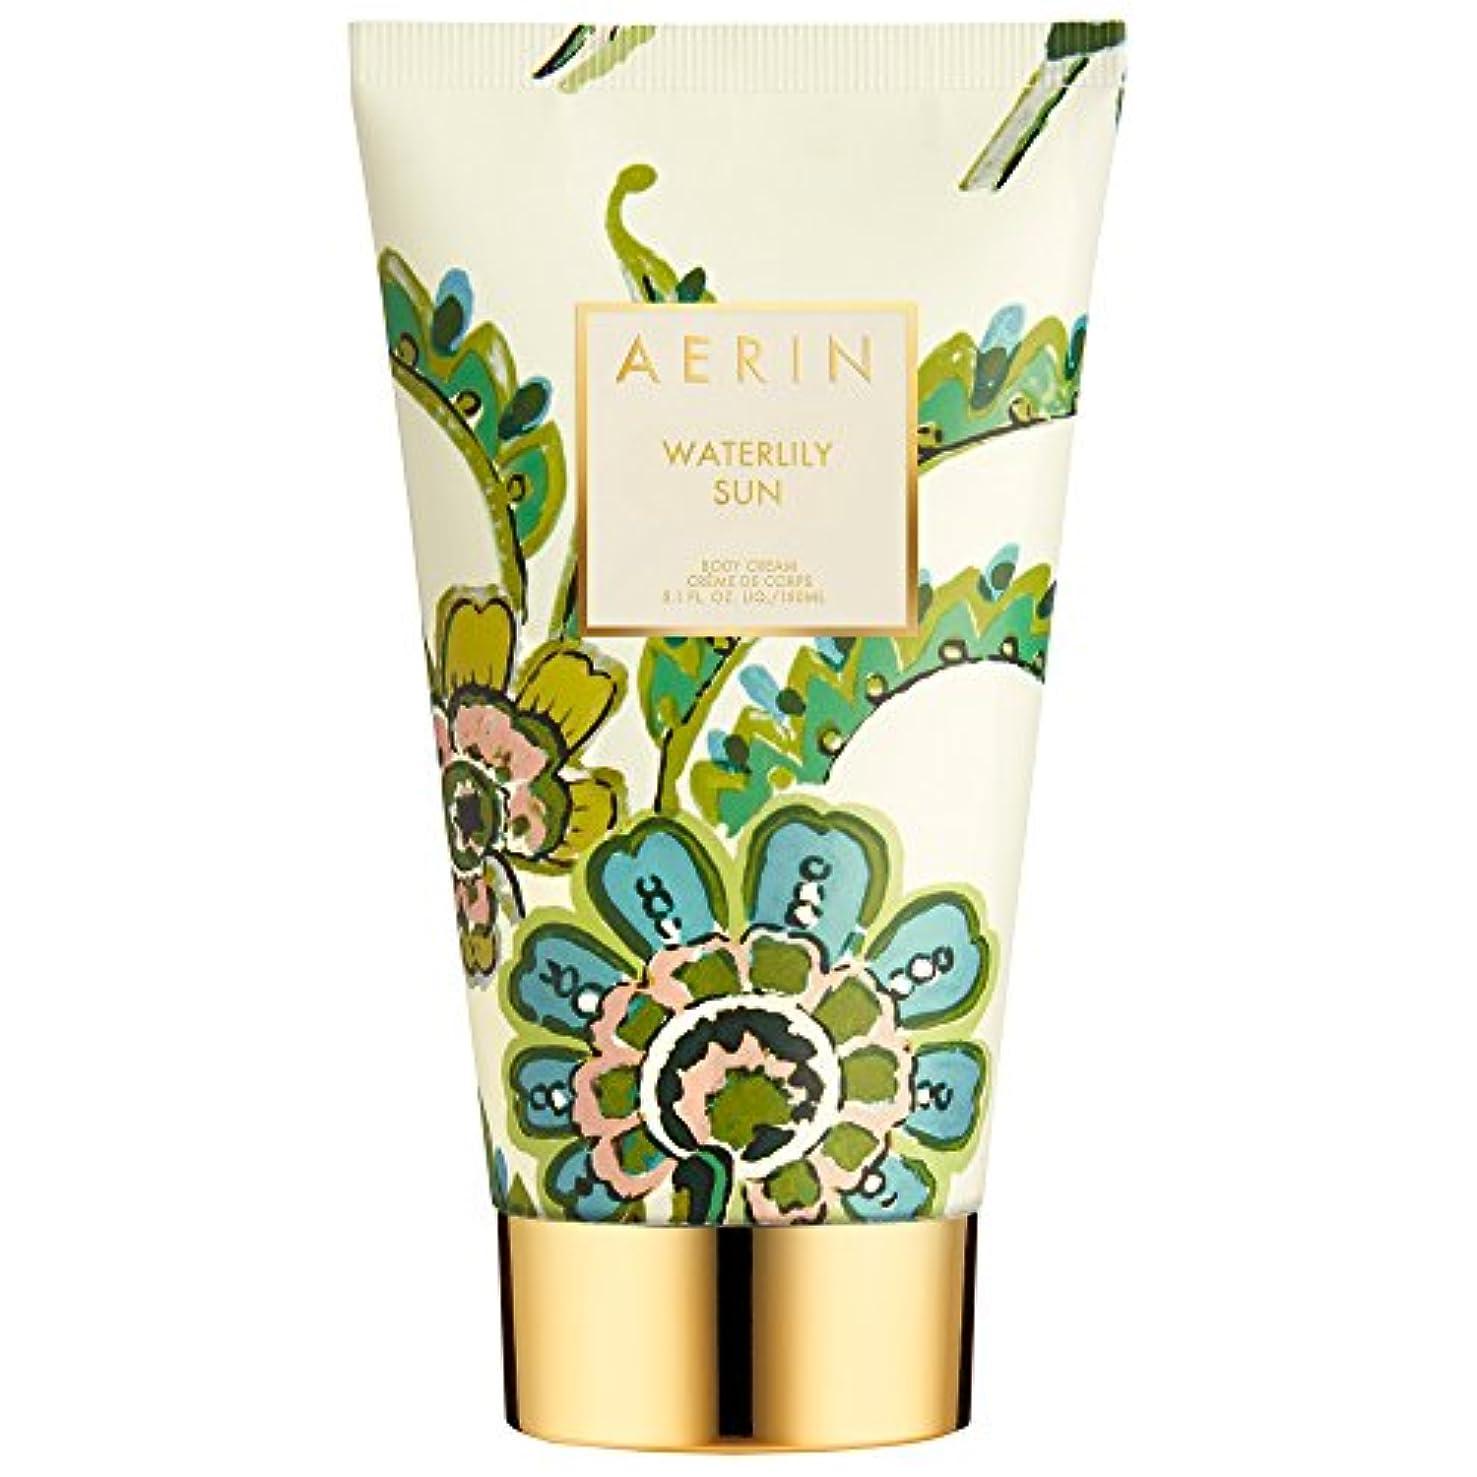 辞書主導権マンハッタンAerinスイレン日ボディクリーム150ミリリットル (AERIN) (x2) - AERIN Waterlily Sun Body Cream 150ml (Pack of 2) [並行輸入品]